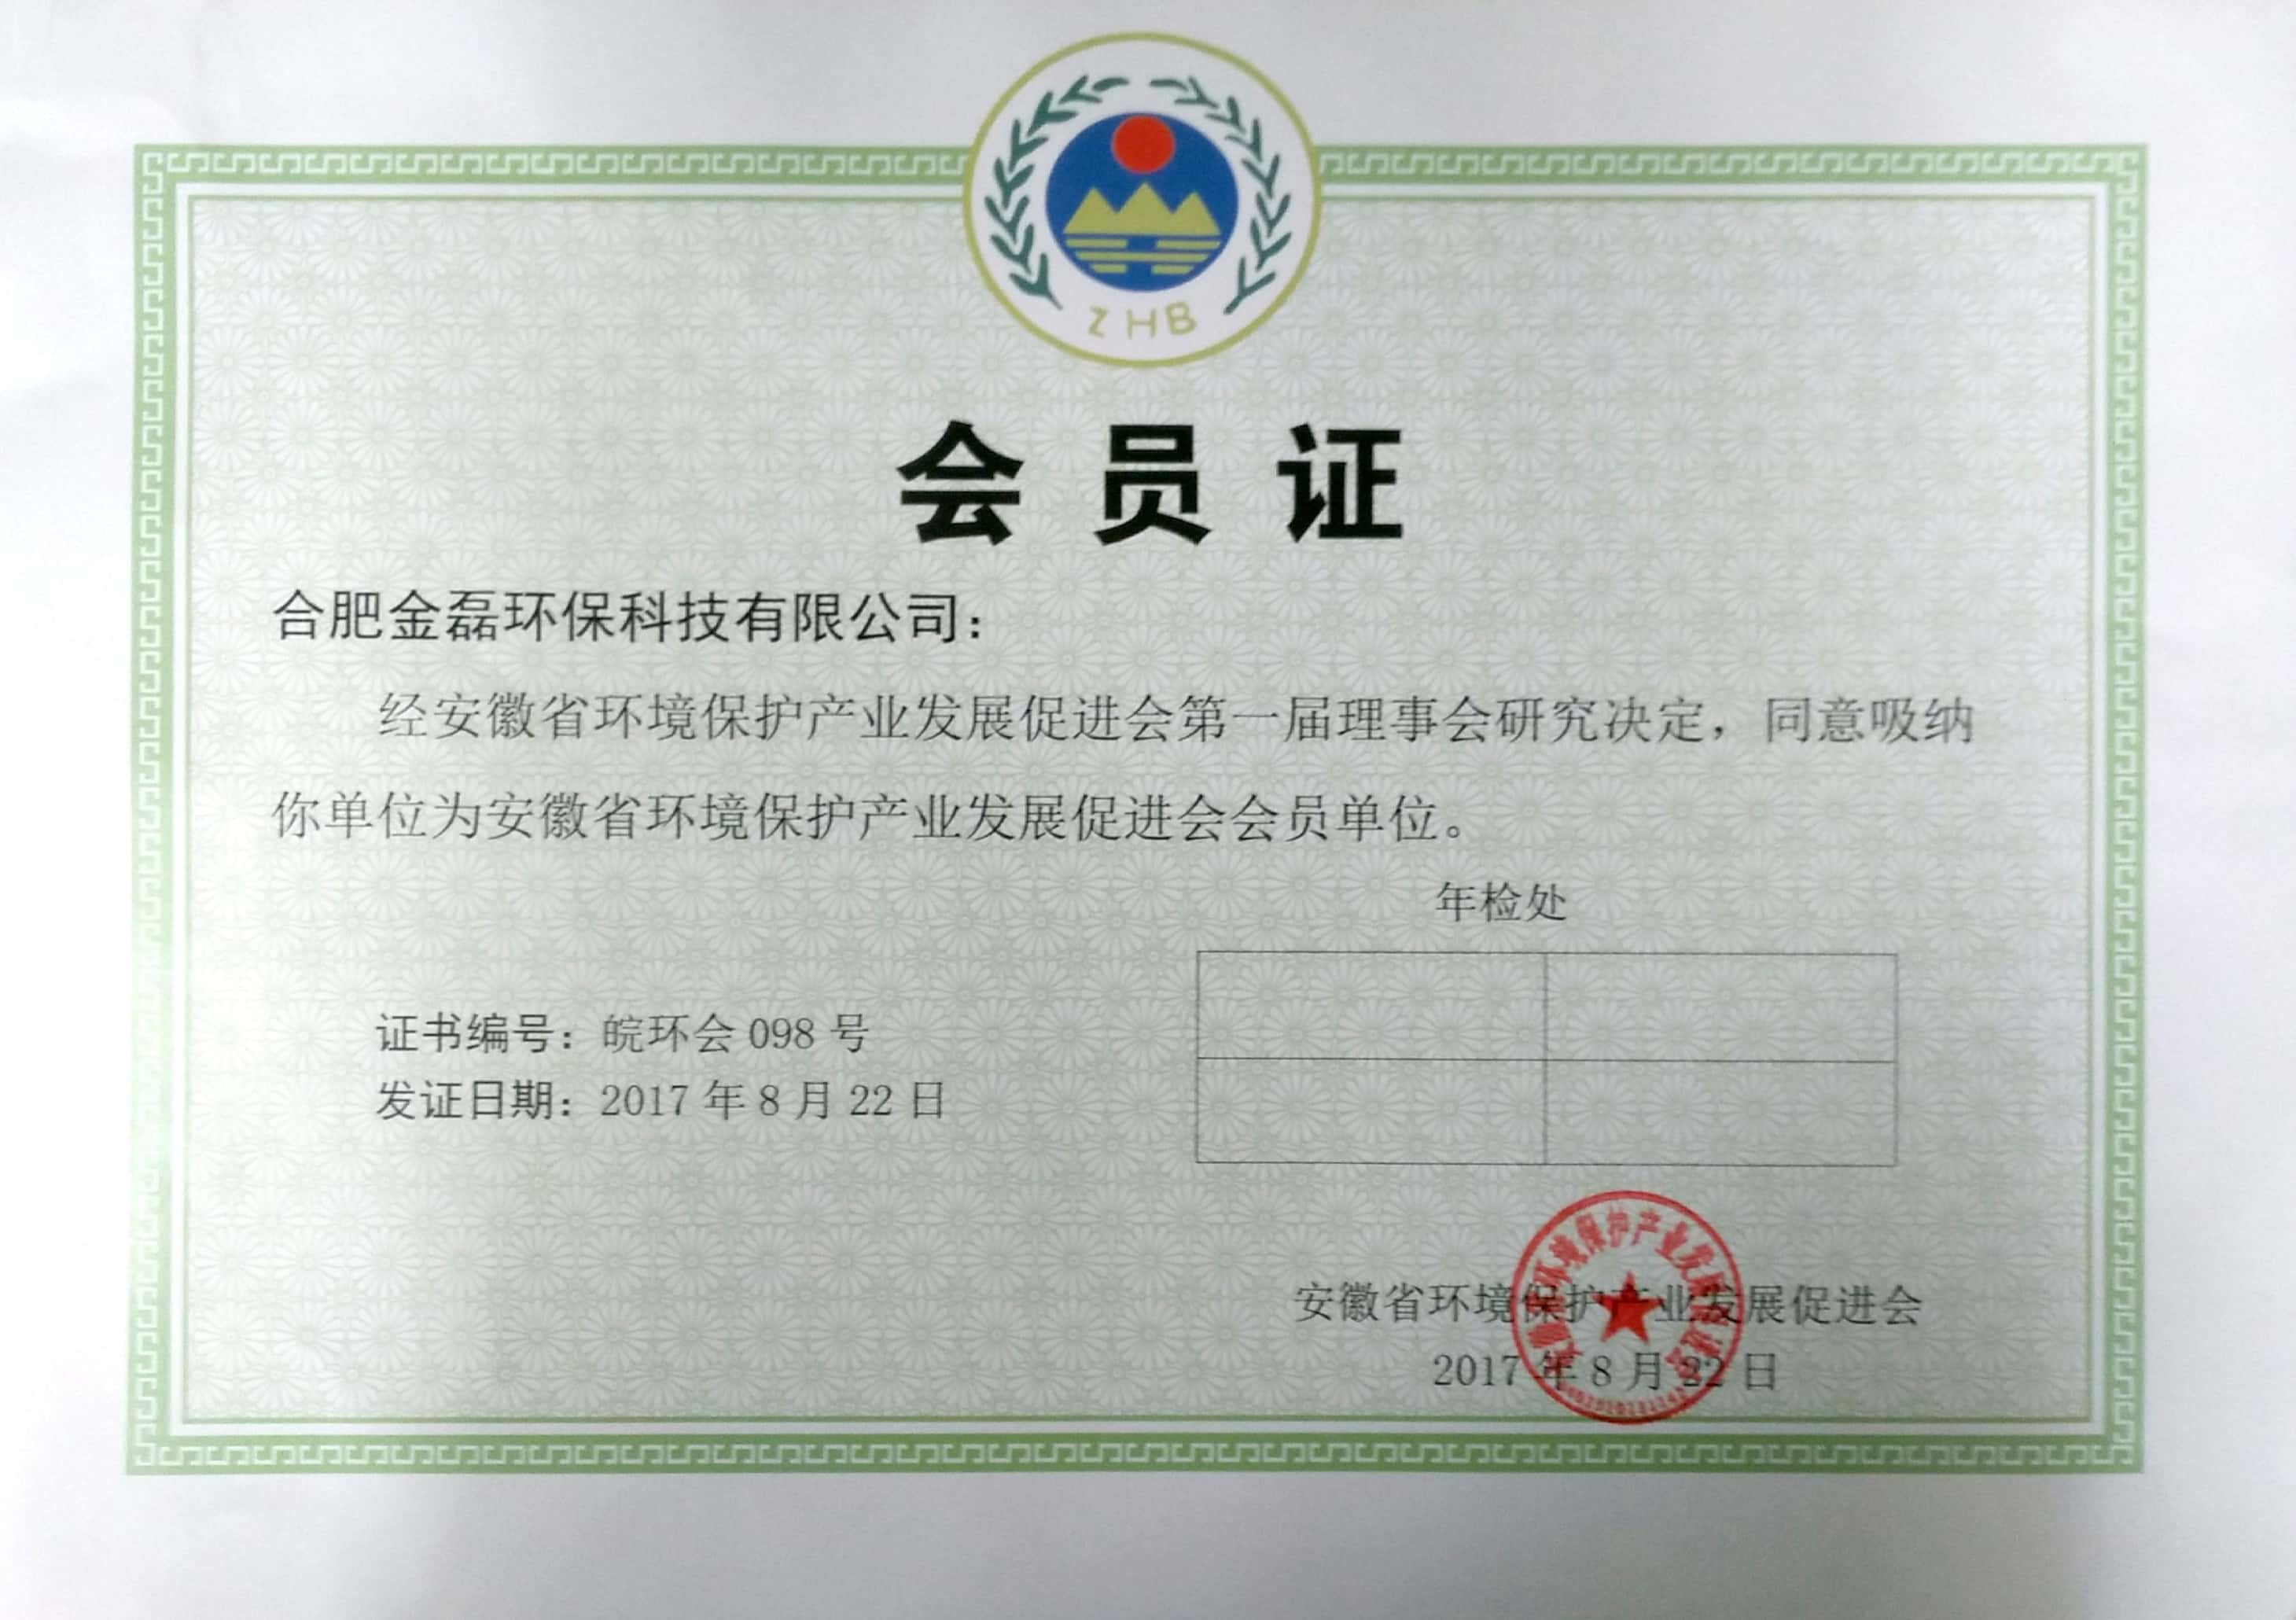 安徽環境保護協會